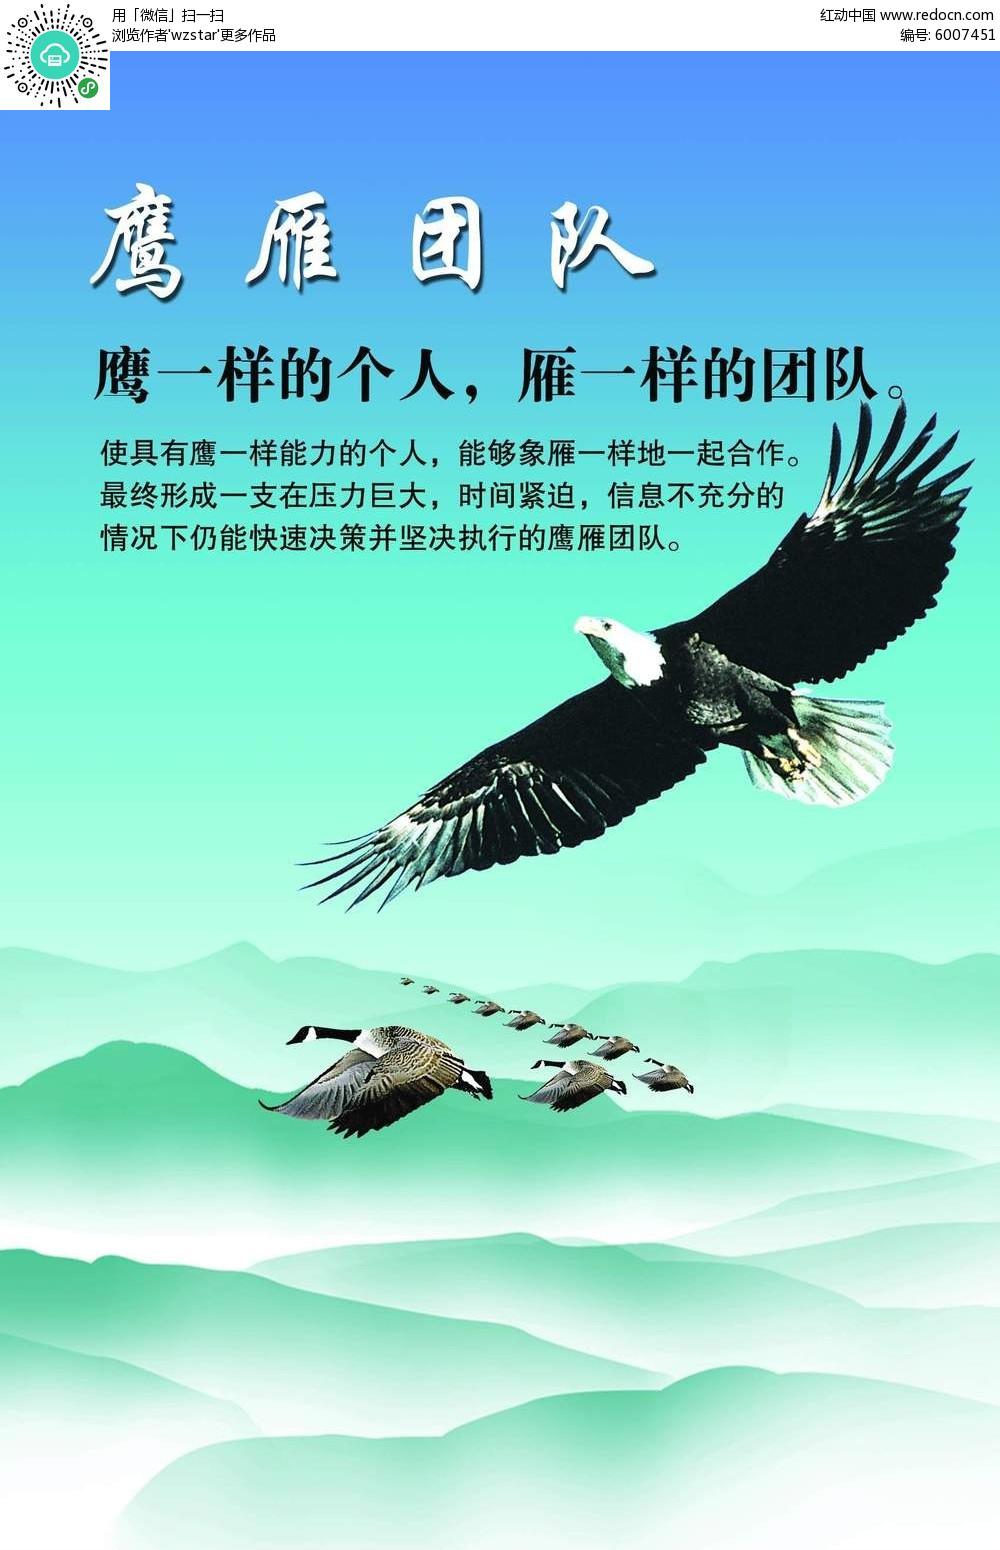 鹰雁团队海报设计